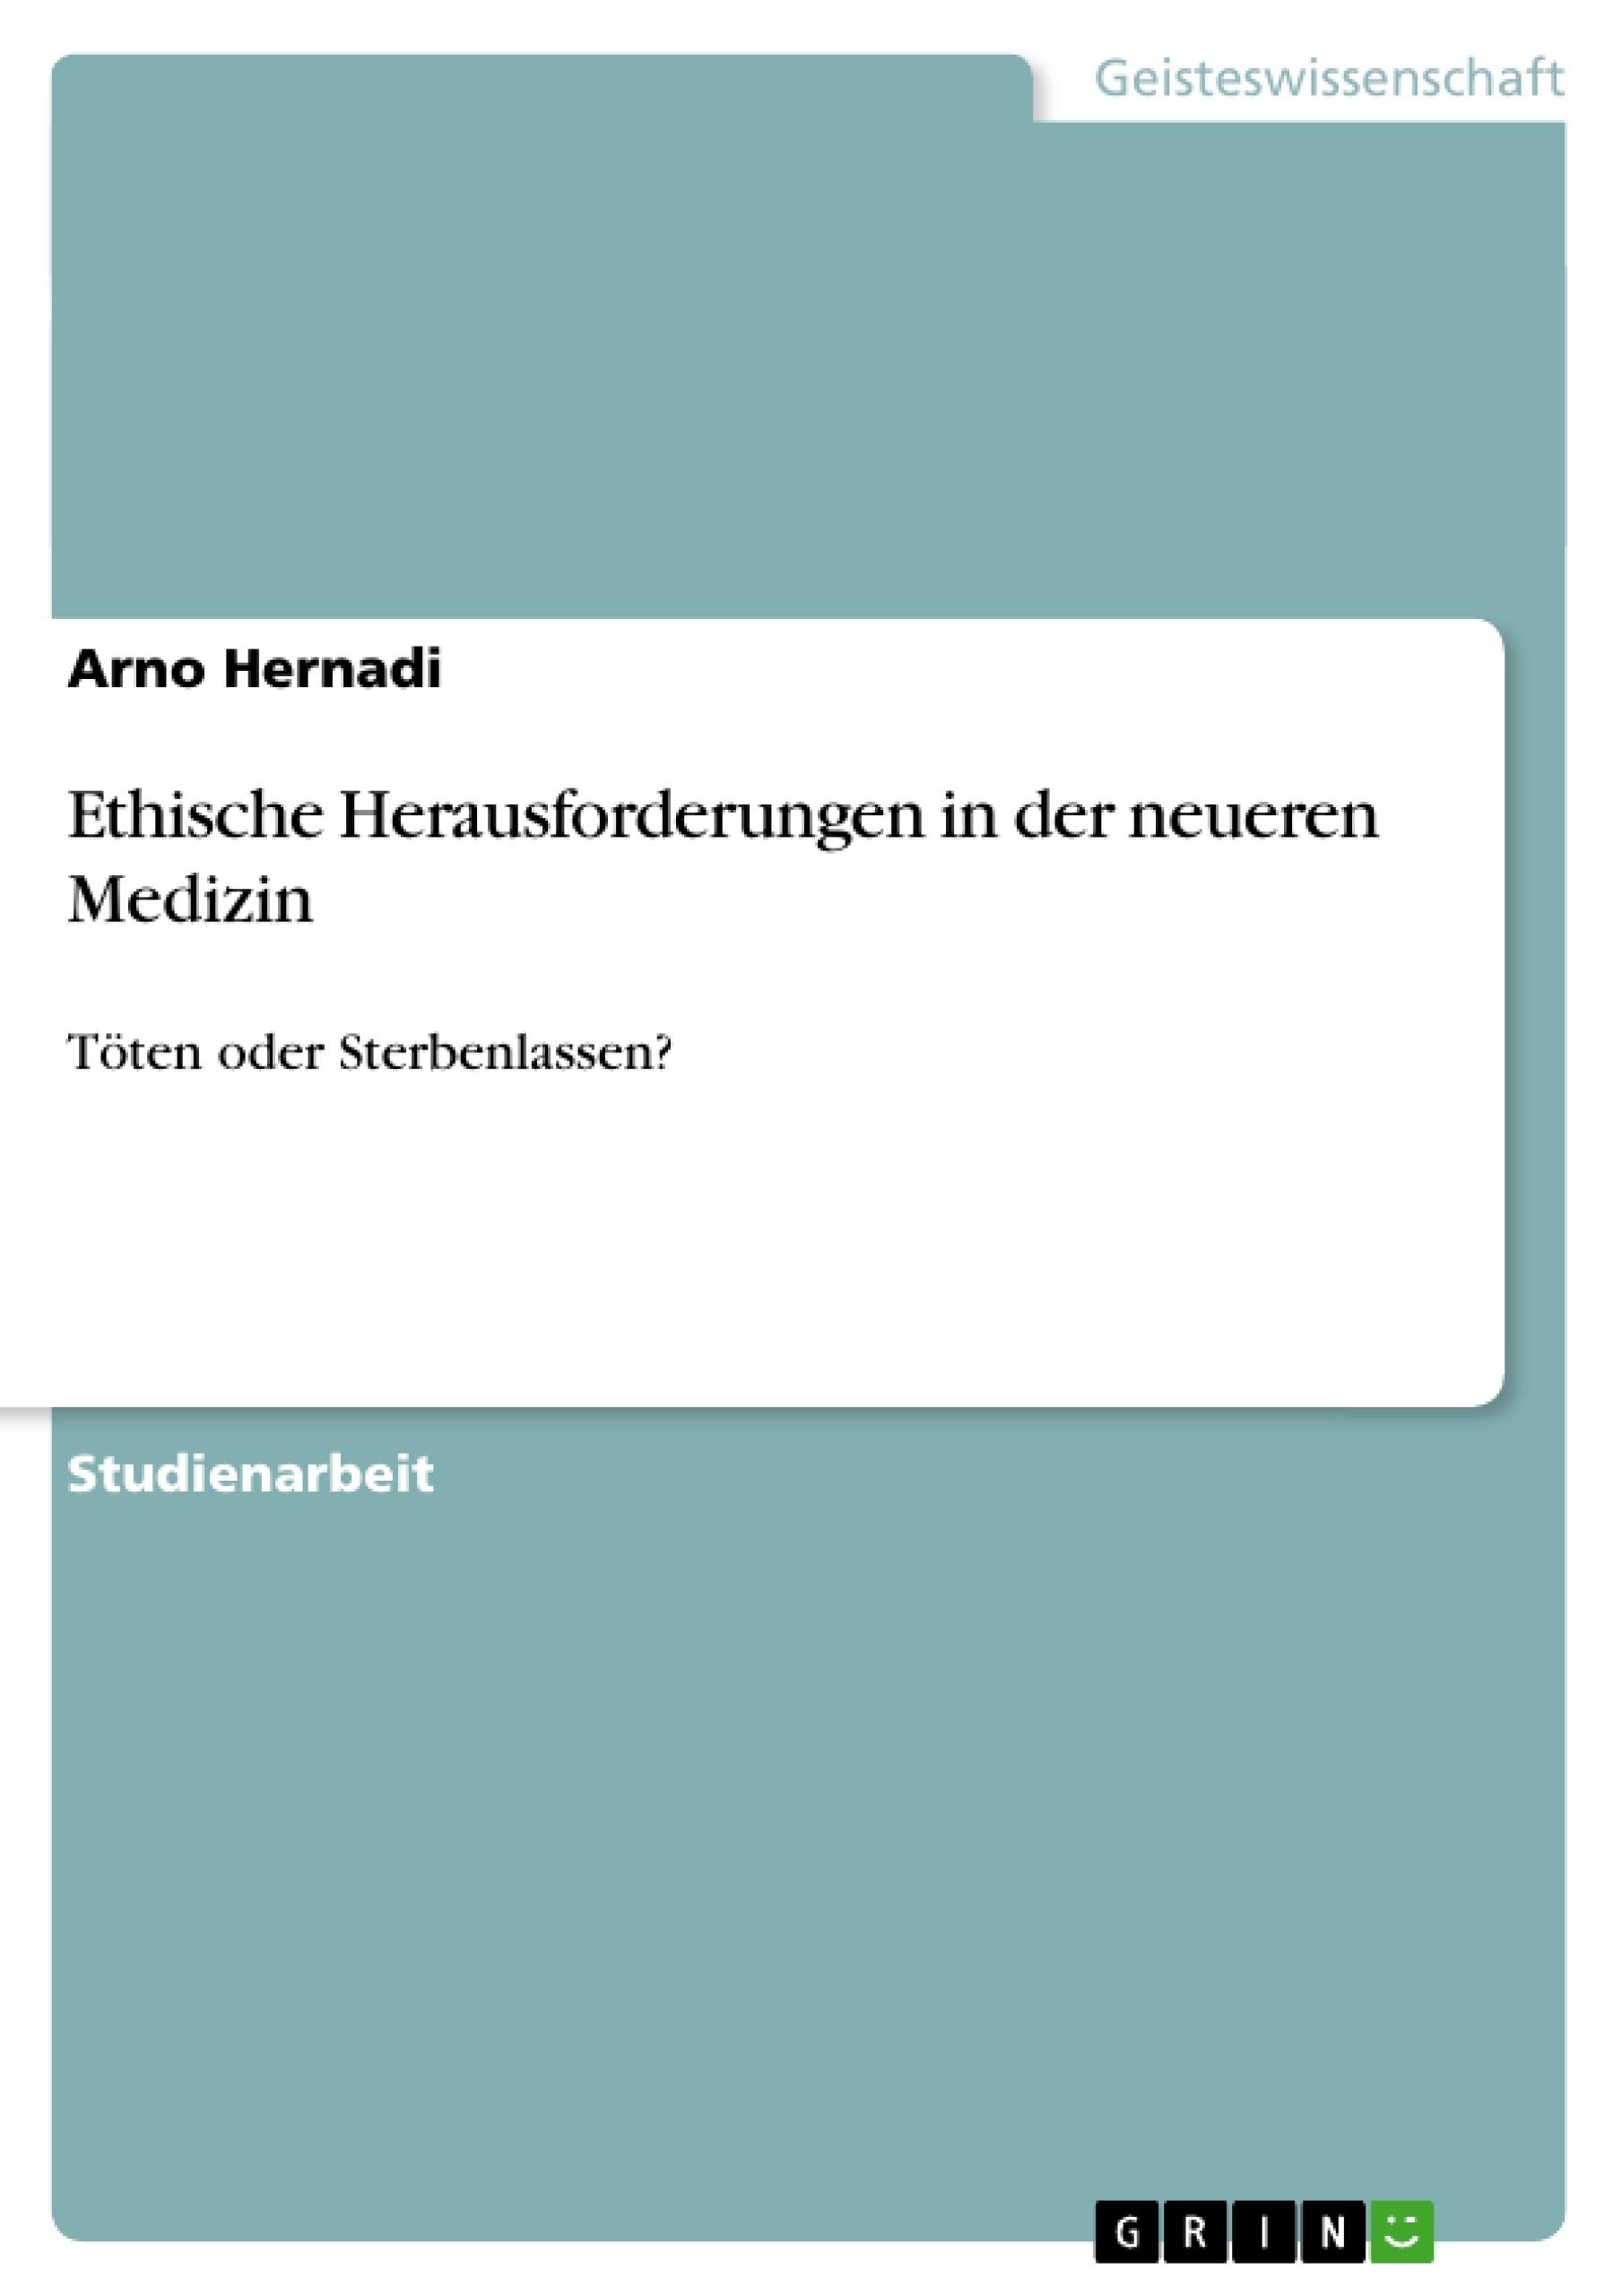 Titel: Ethische Herausforderungen in der neueren Medizin